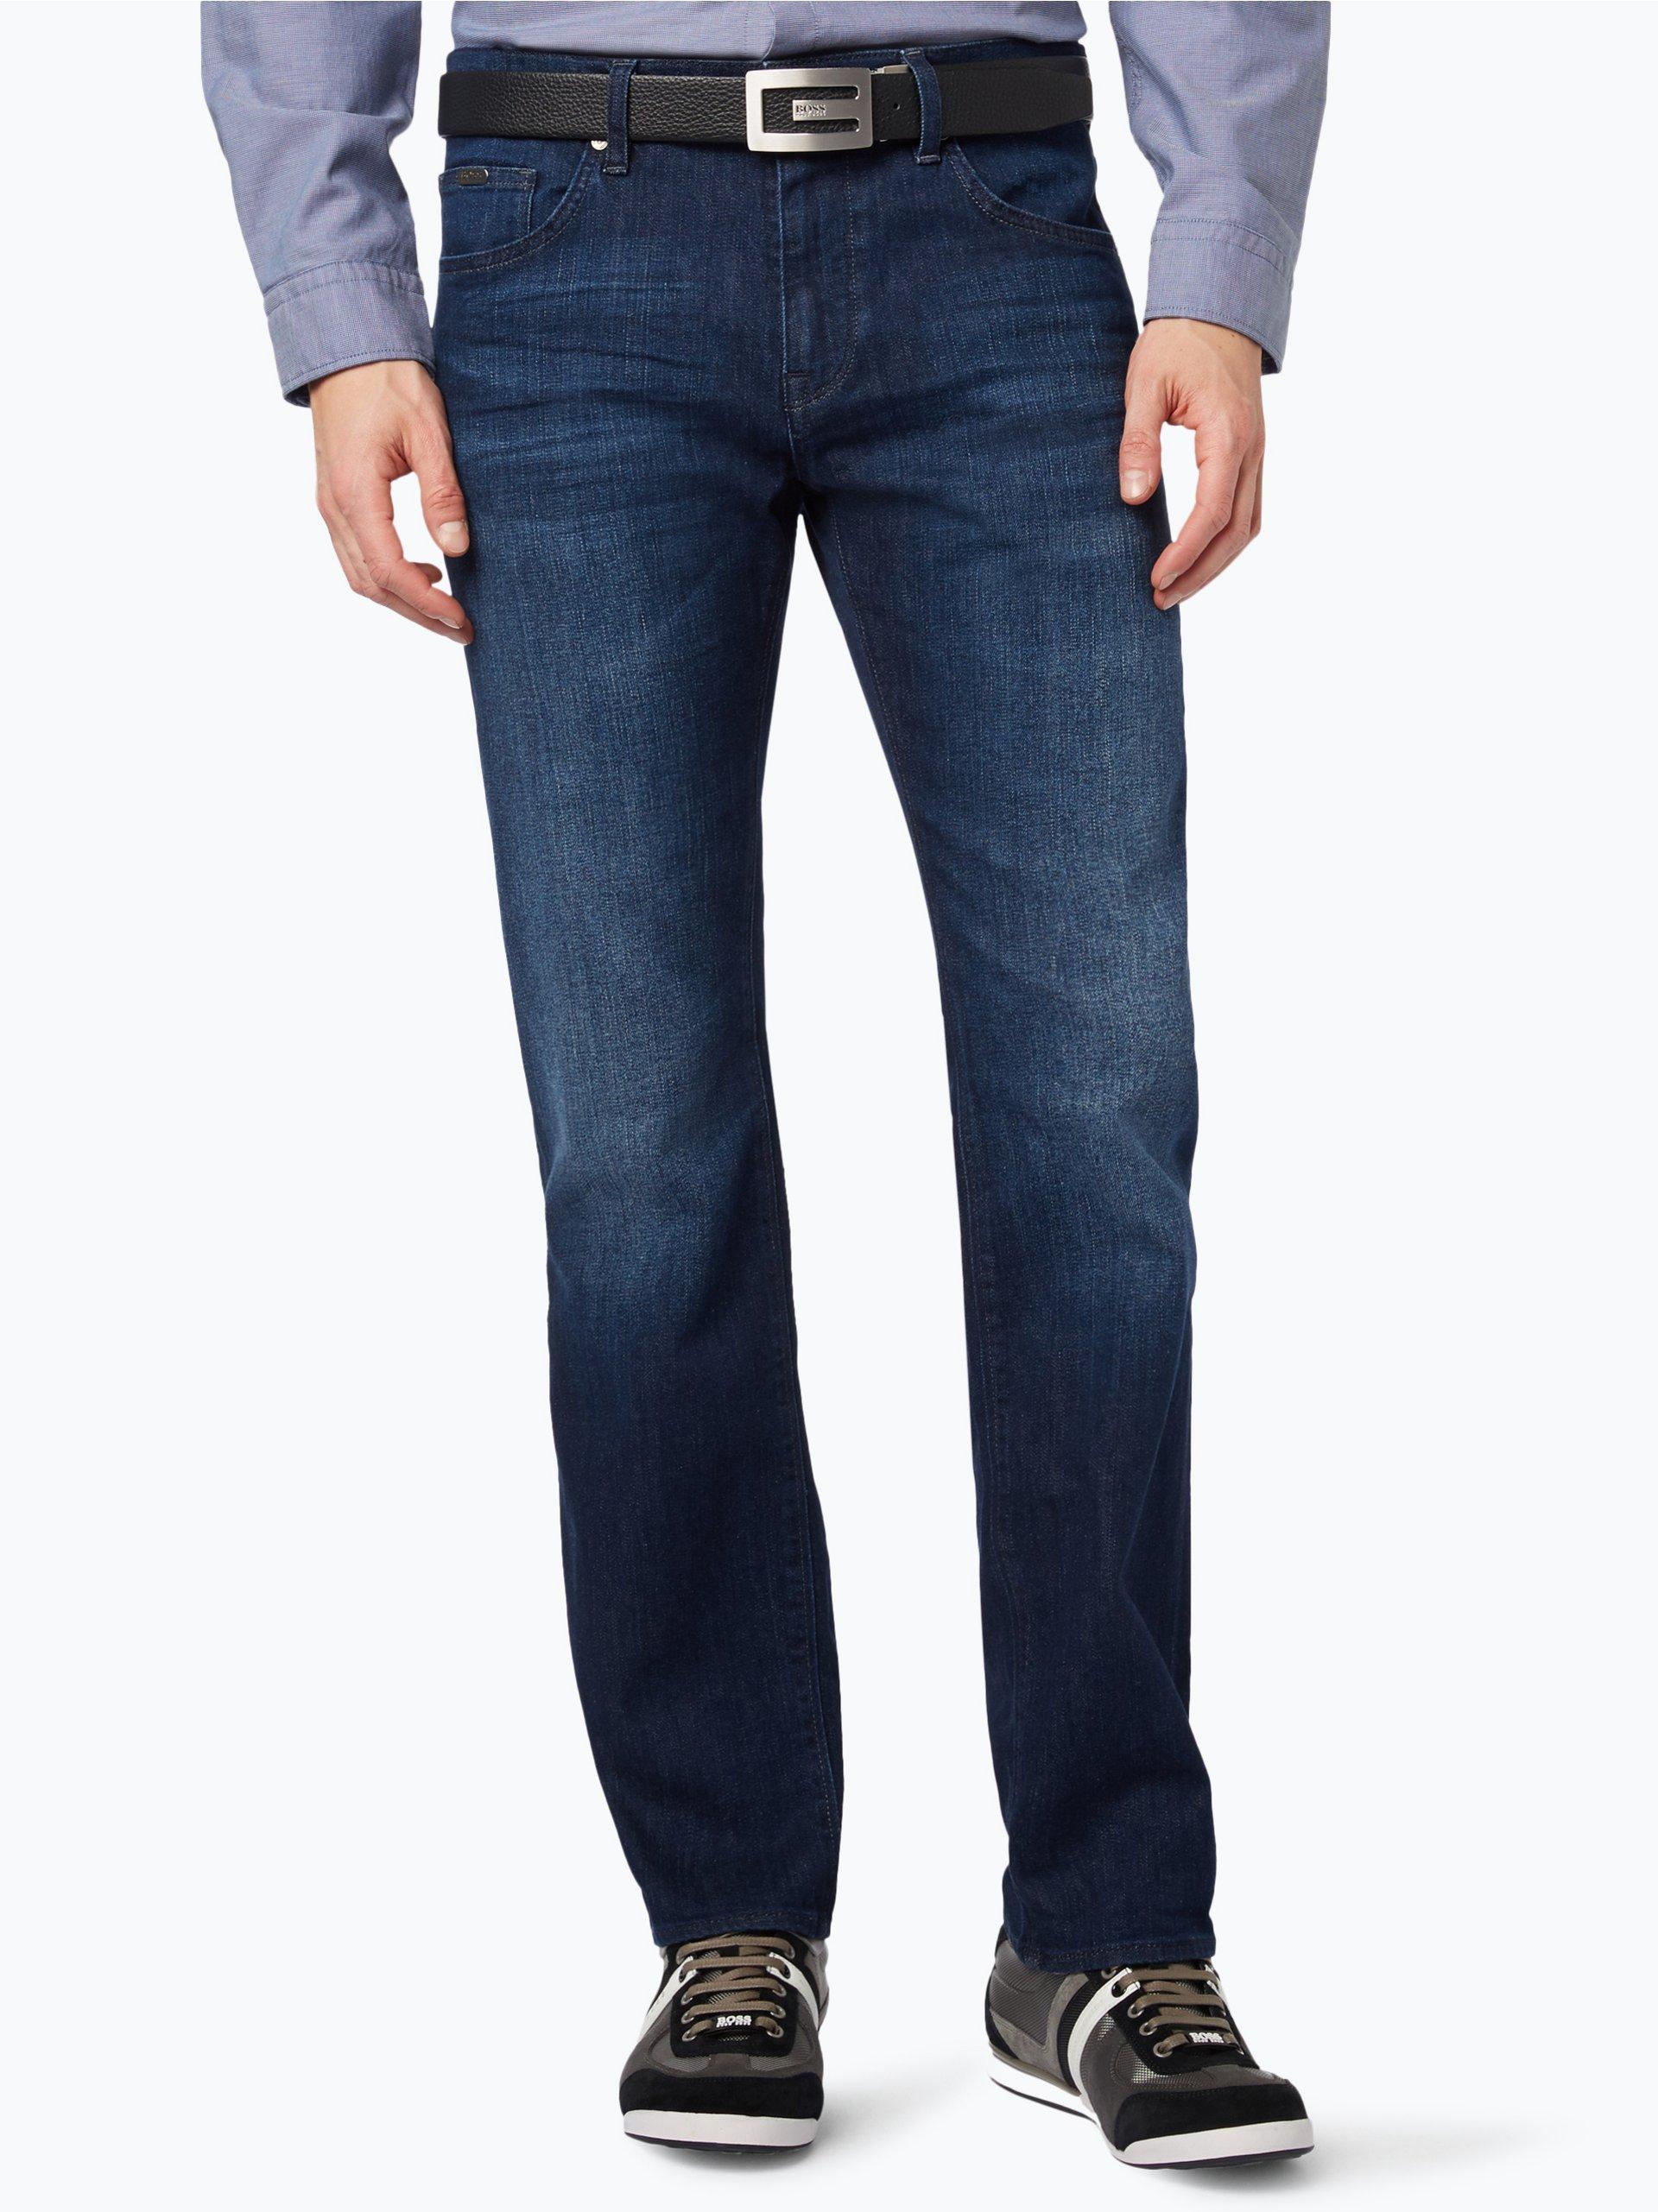 boss green herren jeans c maine1 dark stone uni online kaufen peek und cloppenburg de. Black Bedroom Furniture Sets. Home Design Ideas